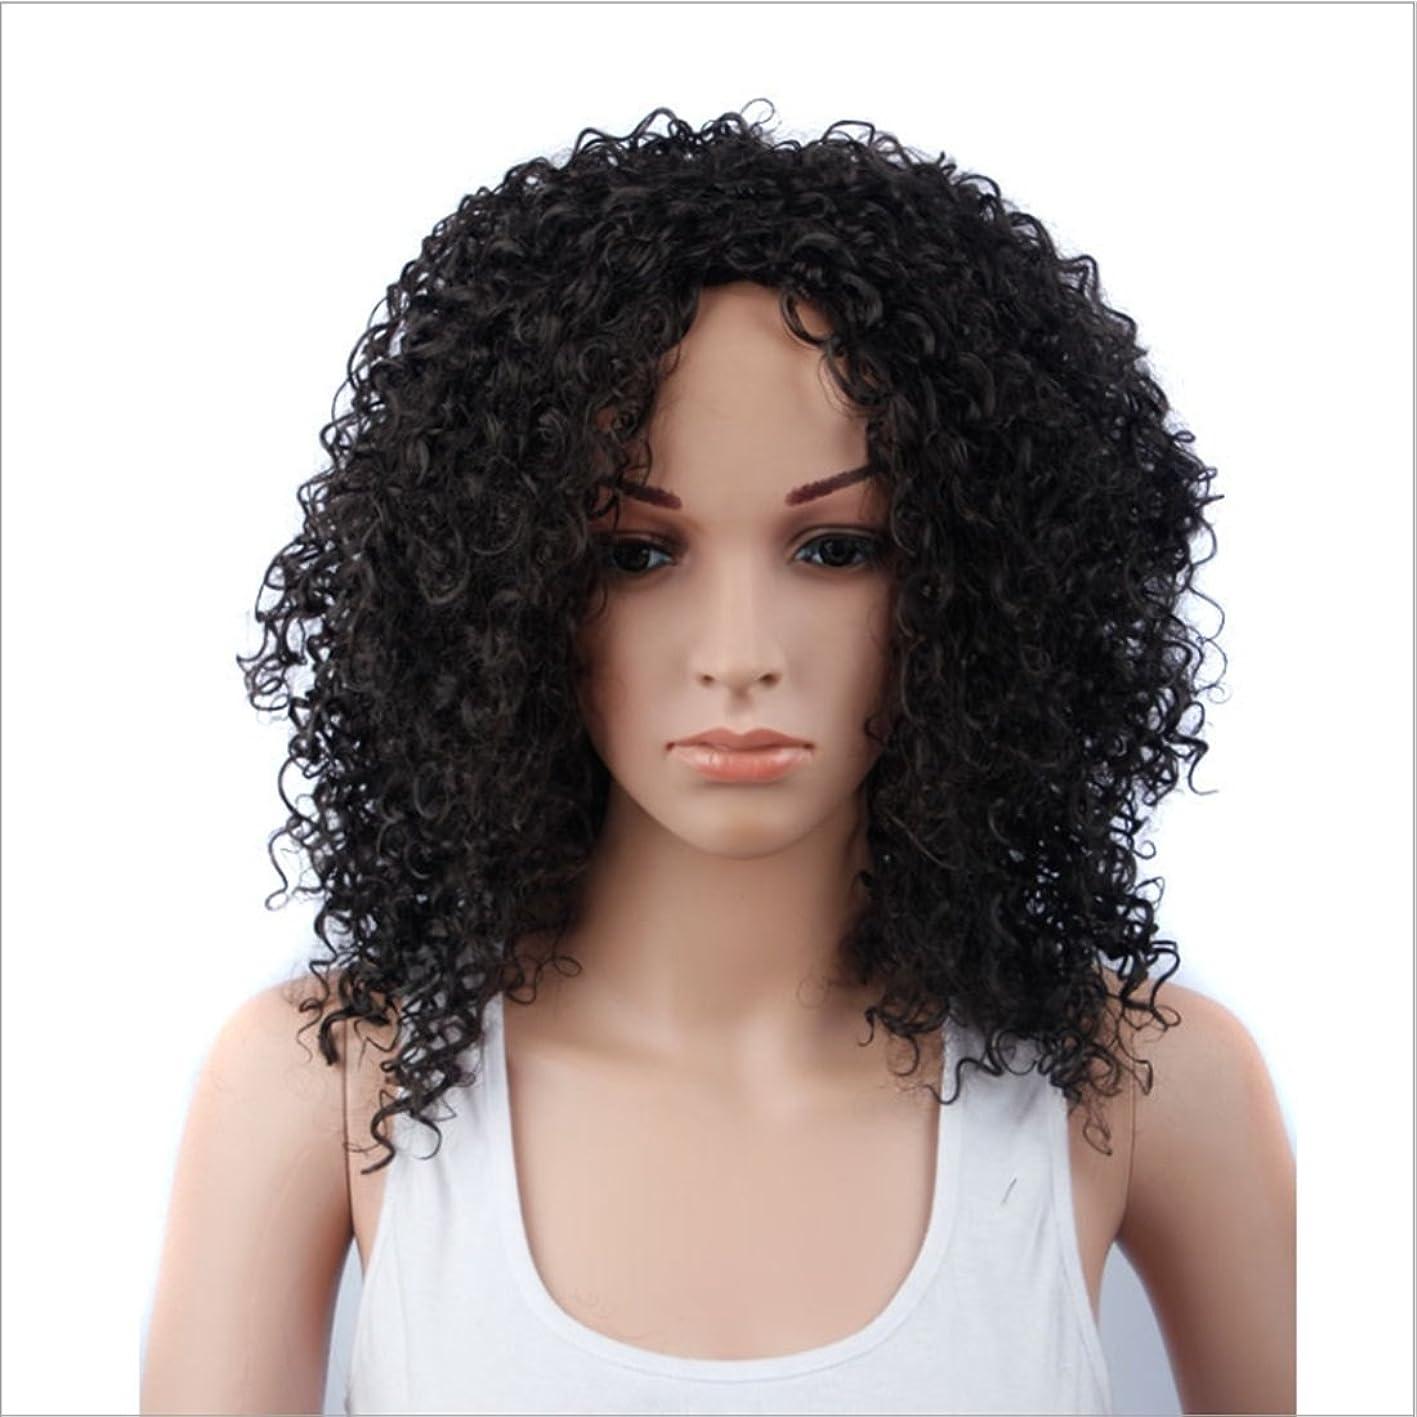 ペニー文芸予知HOHYLLYA 女性のための15インチの合成高温かつら長い前髪のある短い巻き毛のかつら自然な色のかつら耐熱210g(ワインレッド、黒)ファッションかつら (色 : 黒)